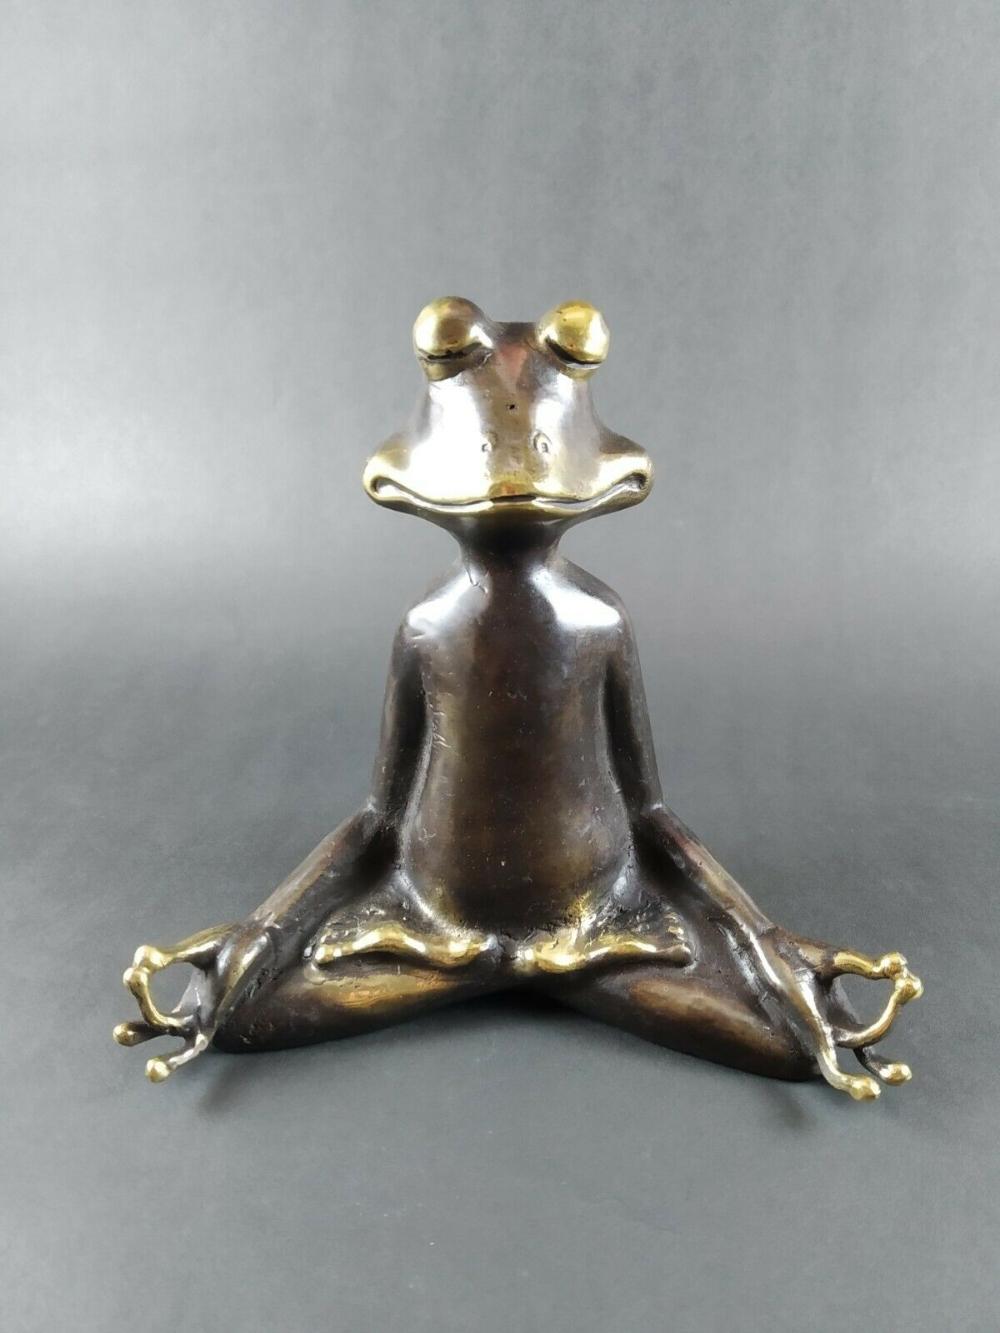 Unique Home Decor Set Of 3 Meditating Frog Statues